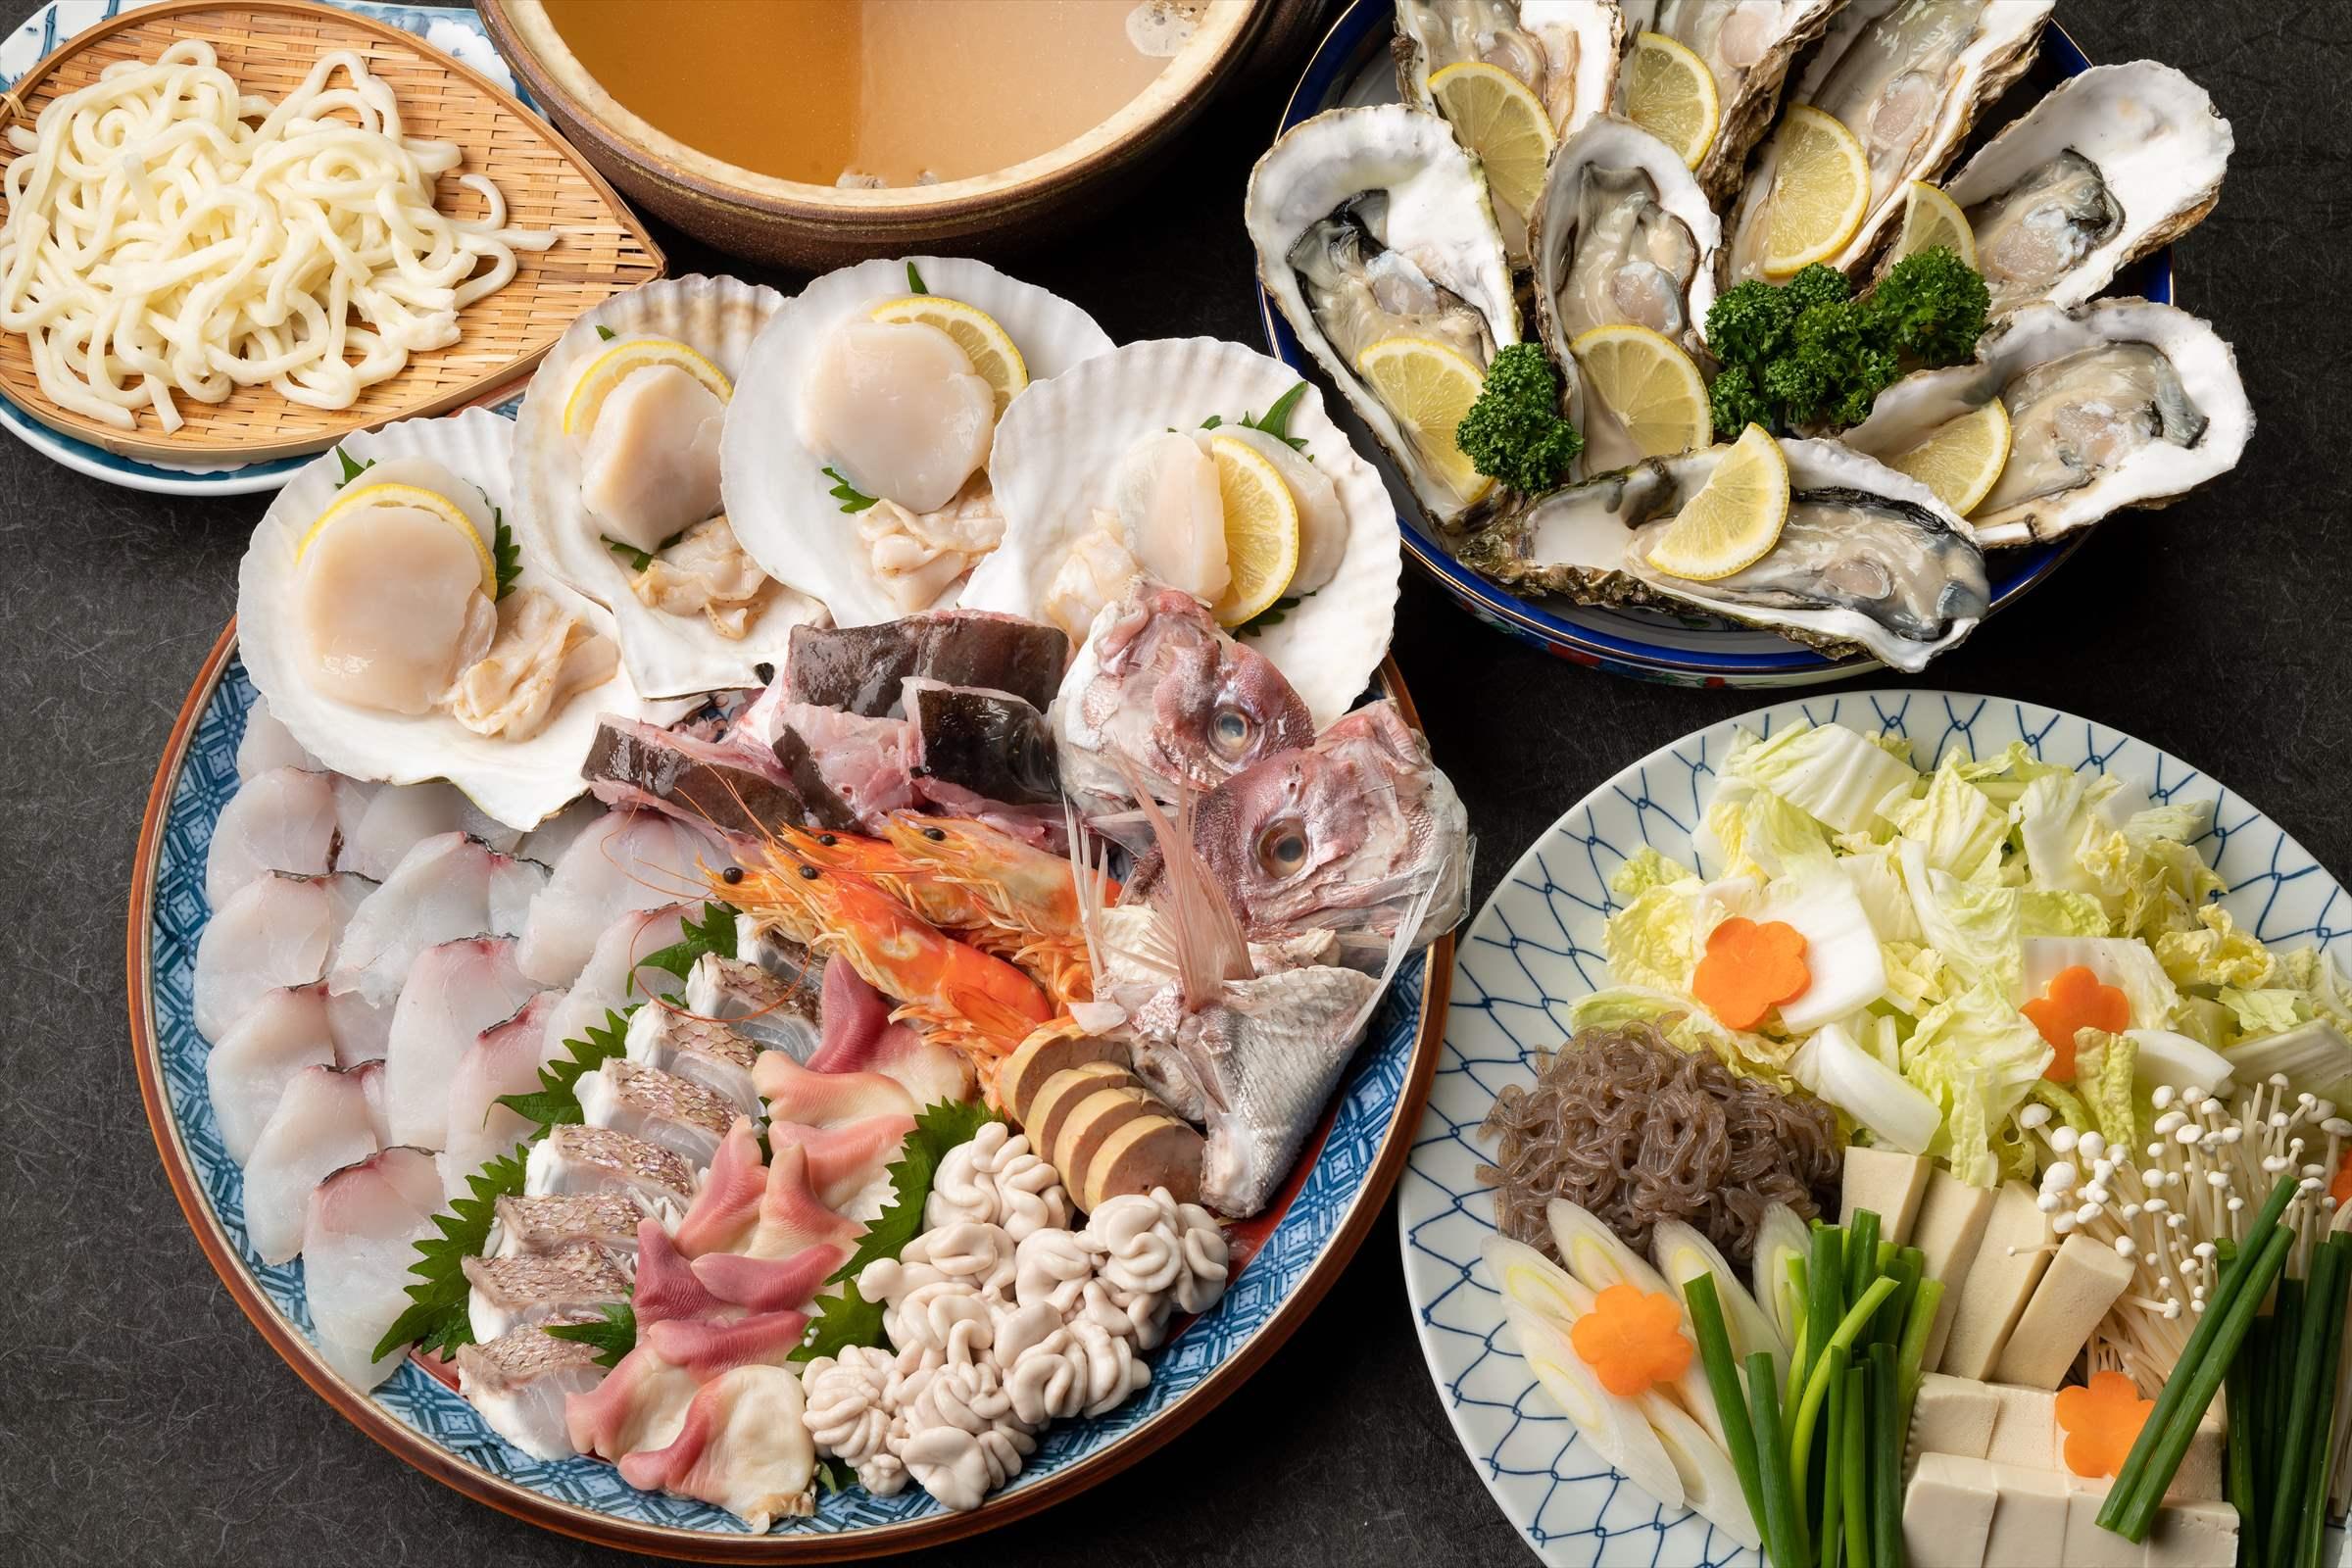 150年間、まごころこめて磨き続けた料理の味と技を、どうぞ存分にお楽しみください。